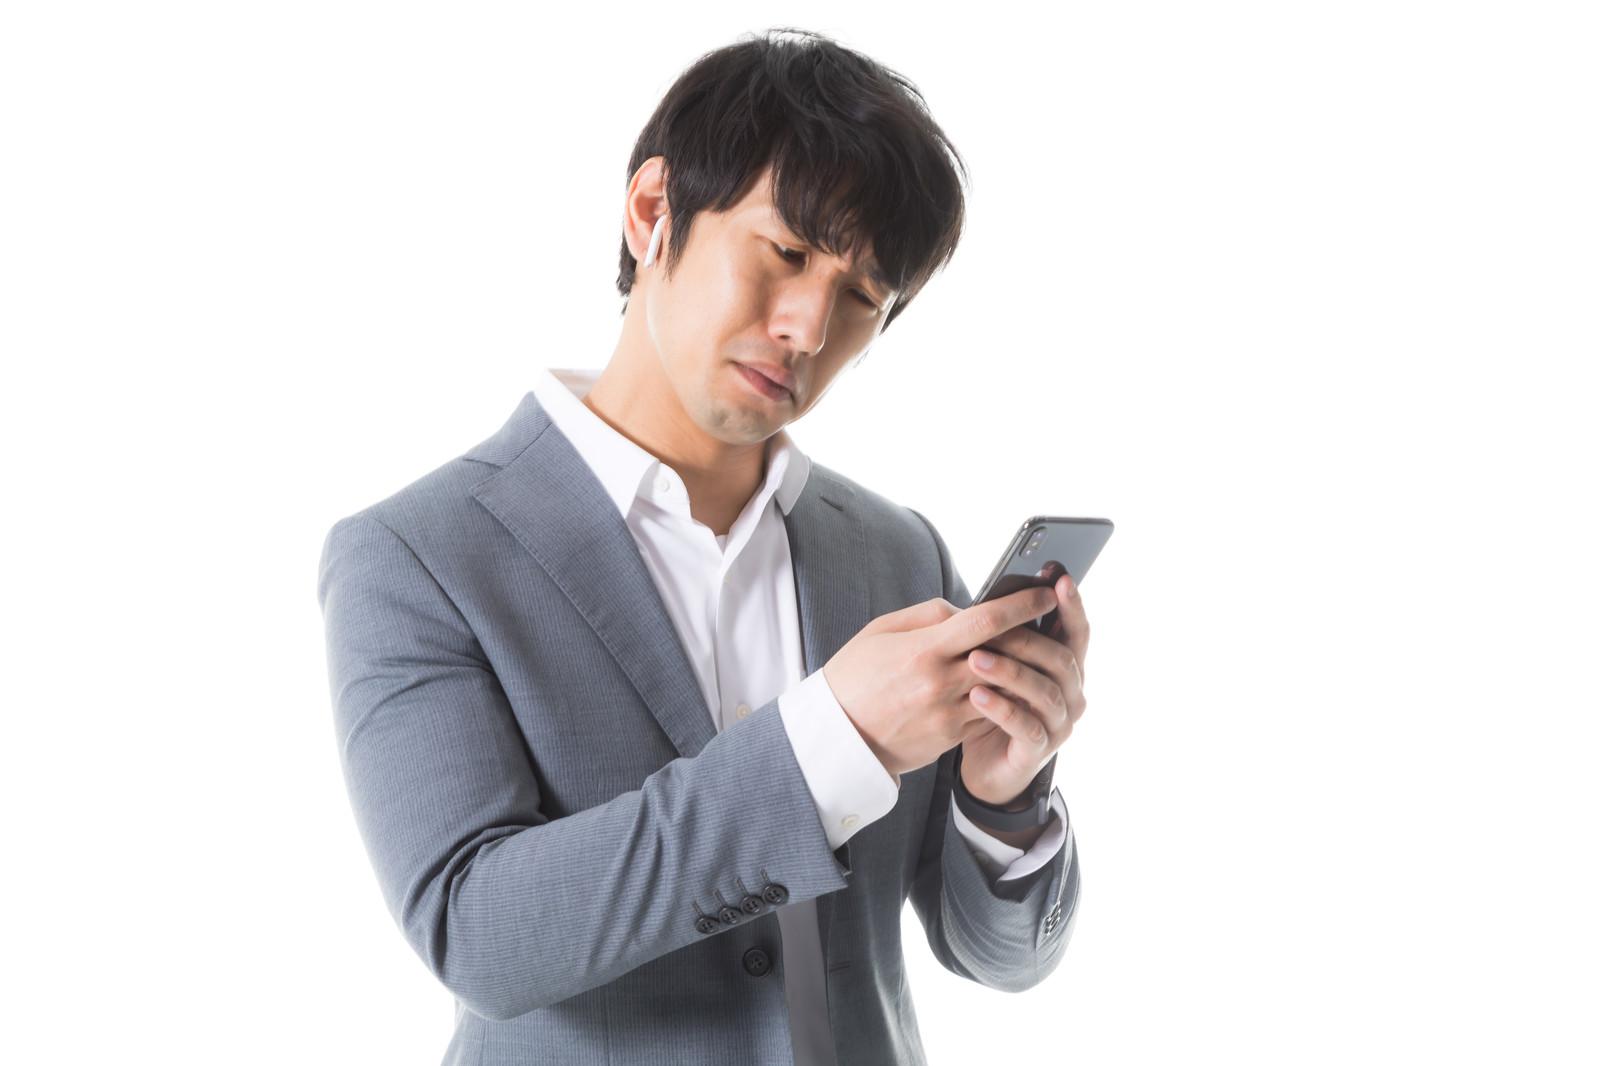 【Android】スリープからの復帰時に全画面広告が表示される